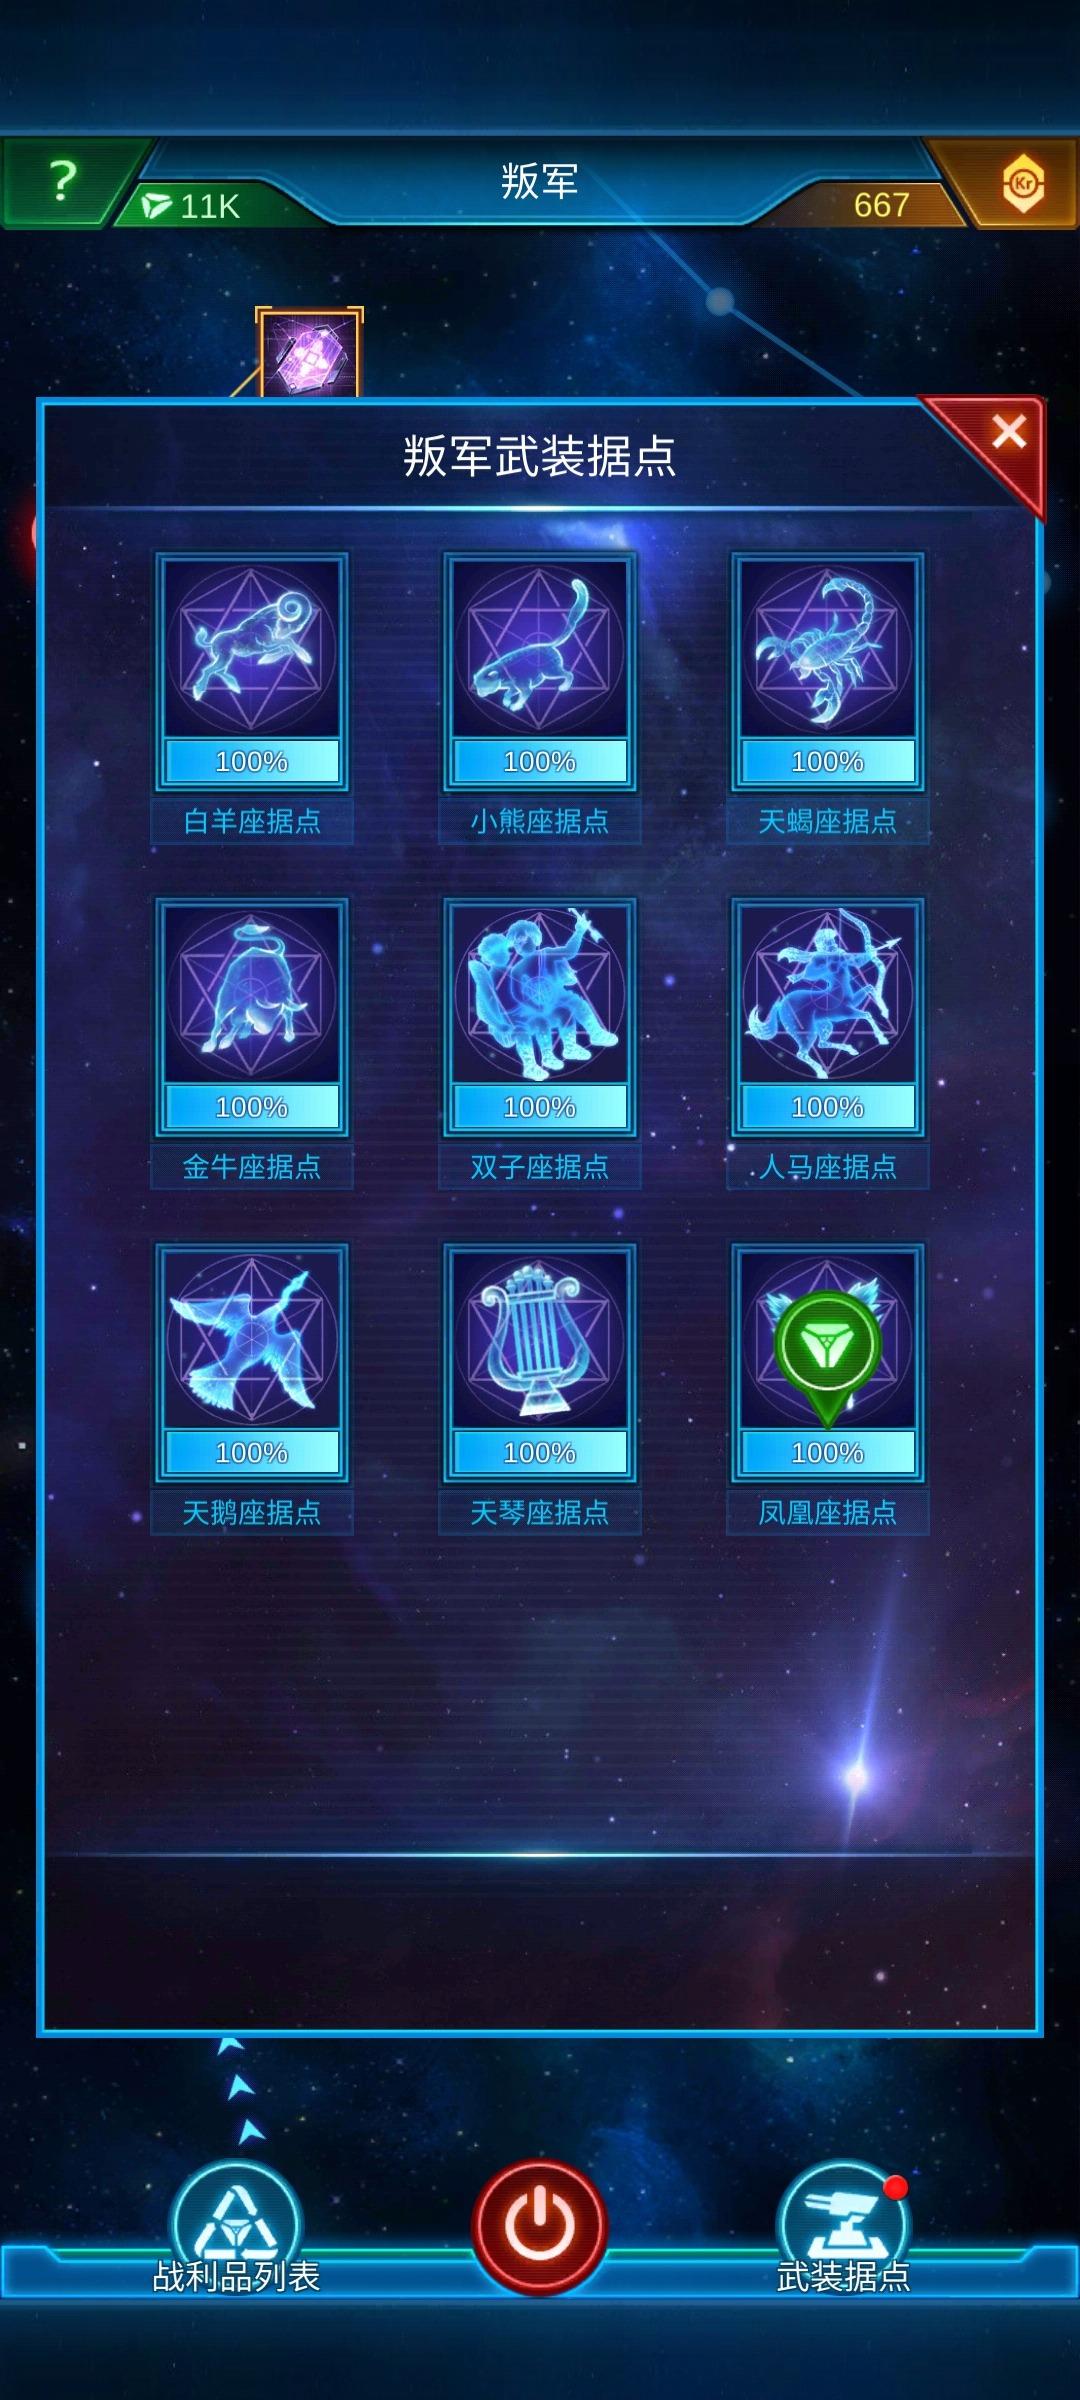 Screenshot_2021-02-23-05-42-13-308_com.jedigames.p16s.nearme.gamecenter.jpg